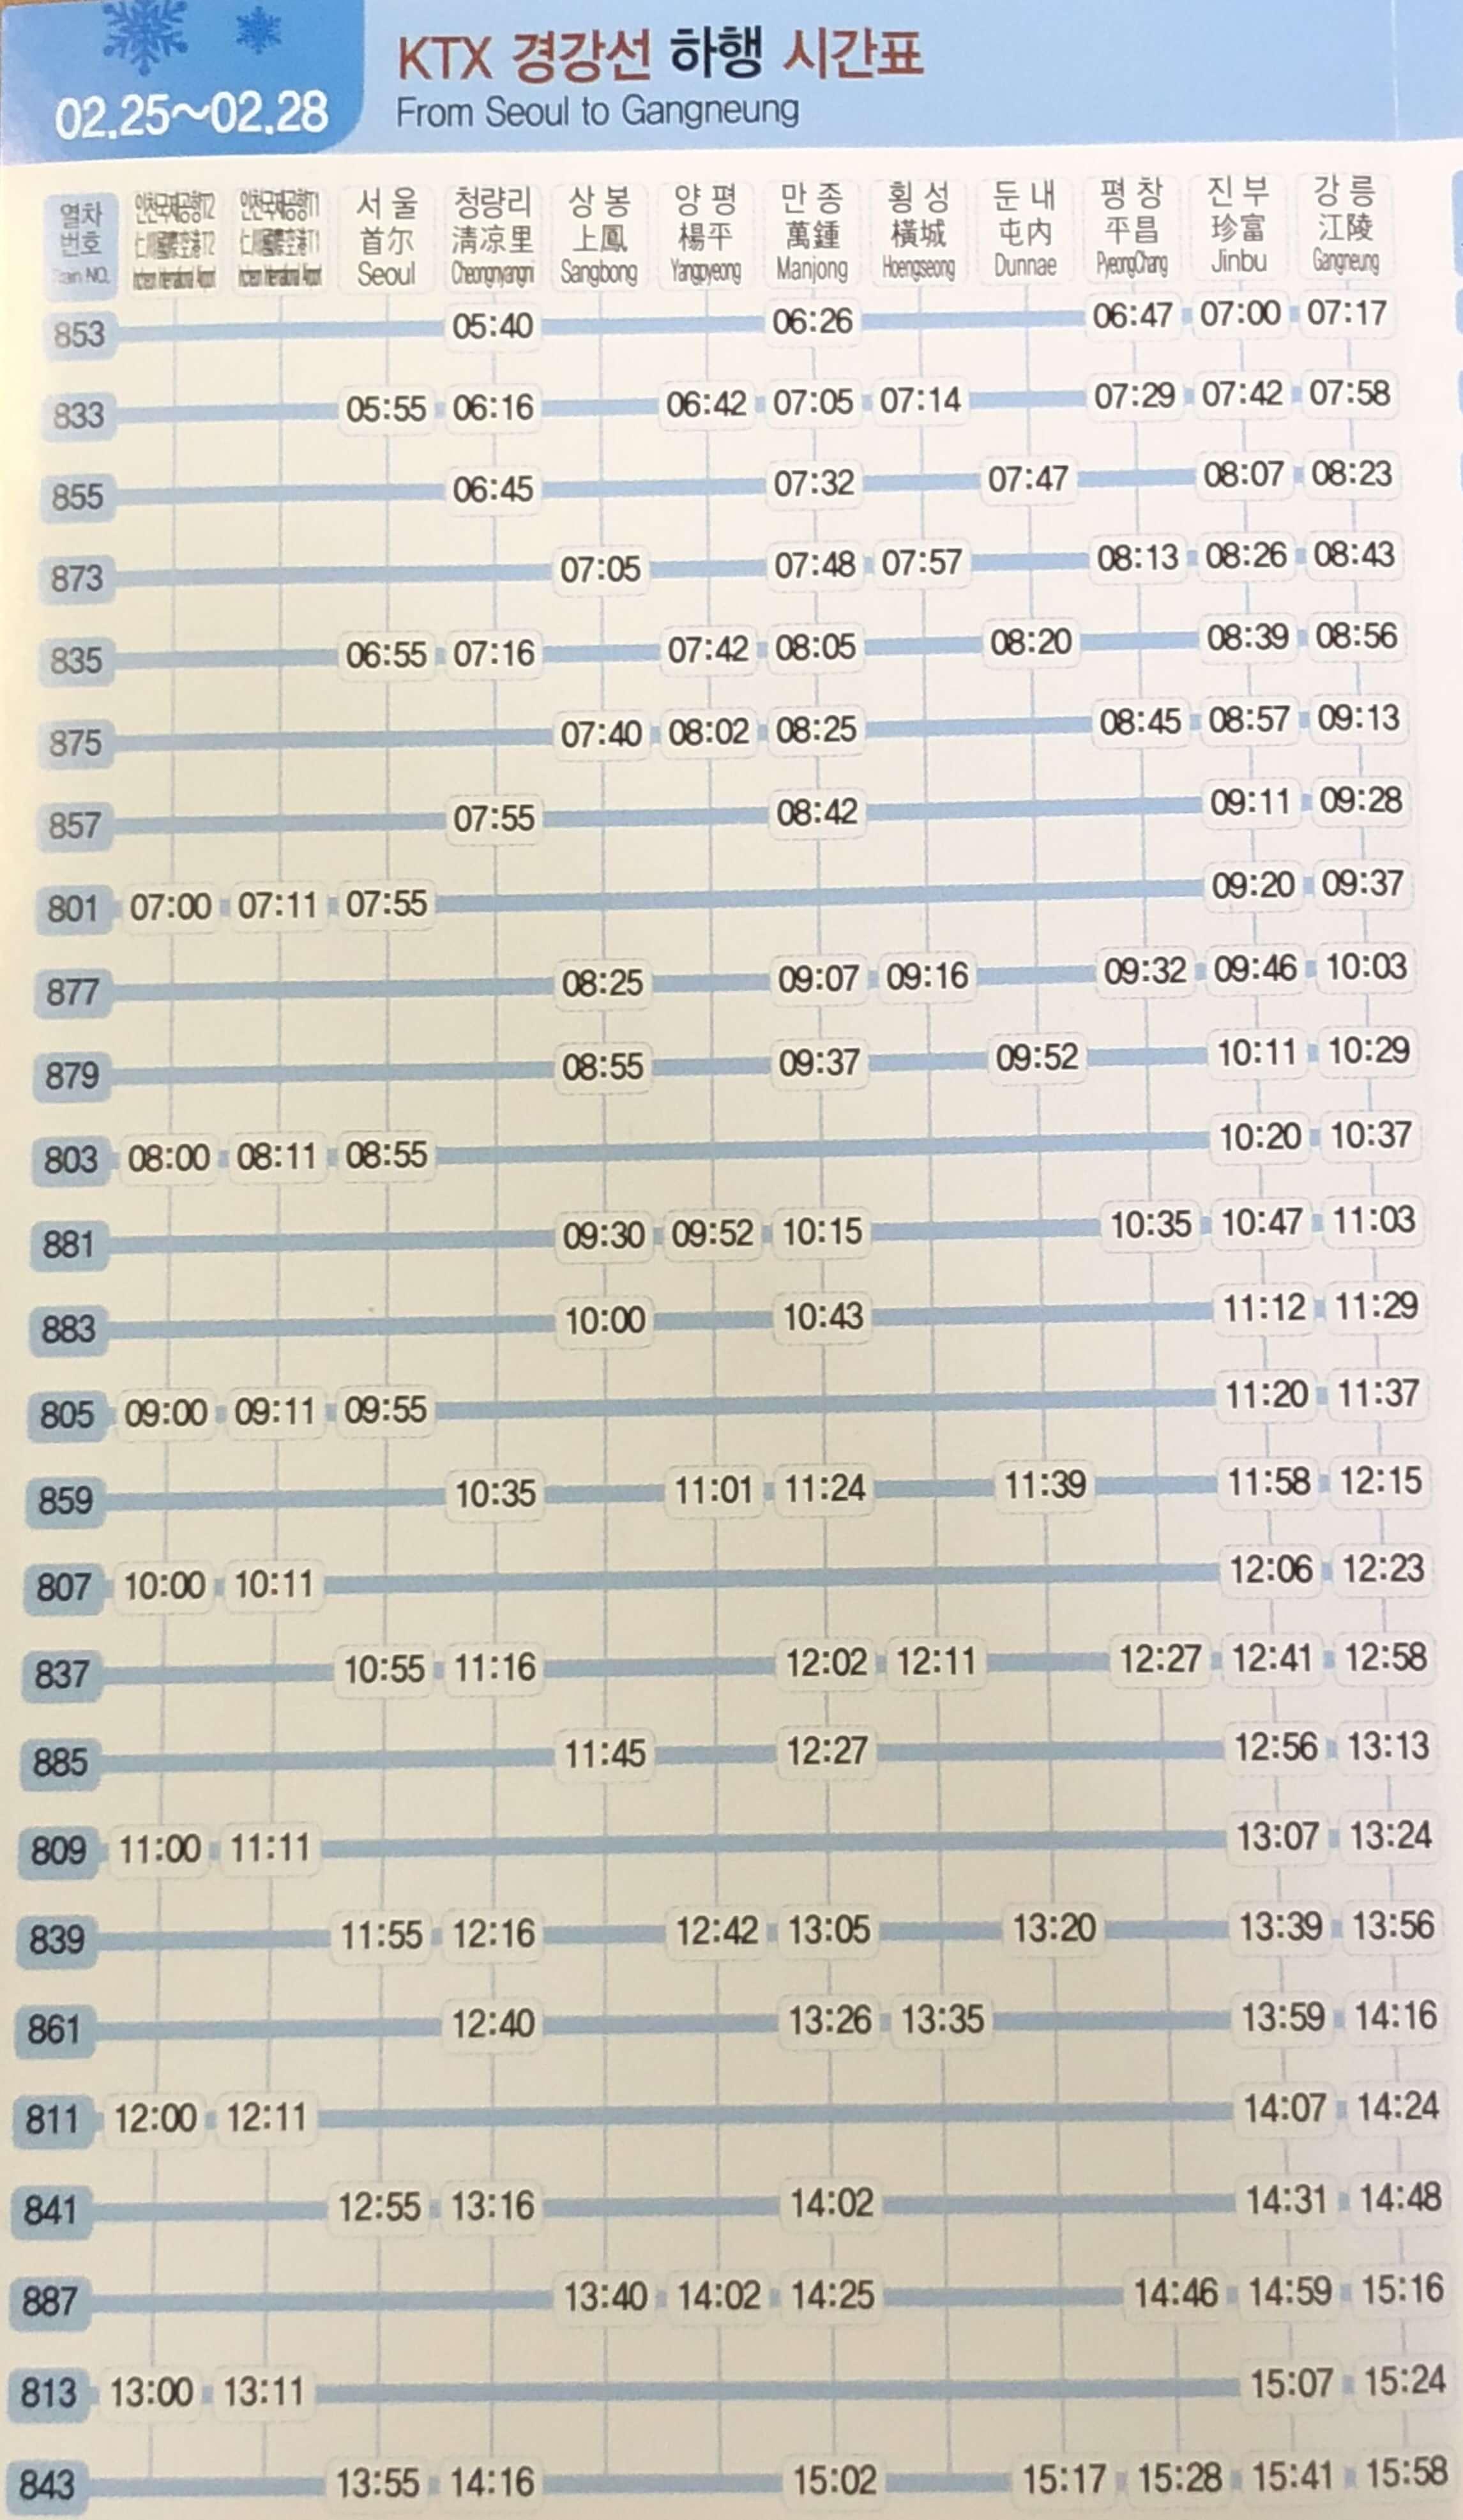 ソウルから江陵(カンヌン)のKTXの時刻表(2月25日~2月28日)1